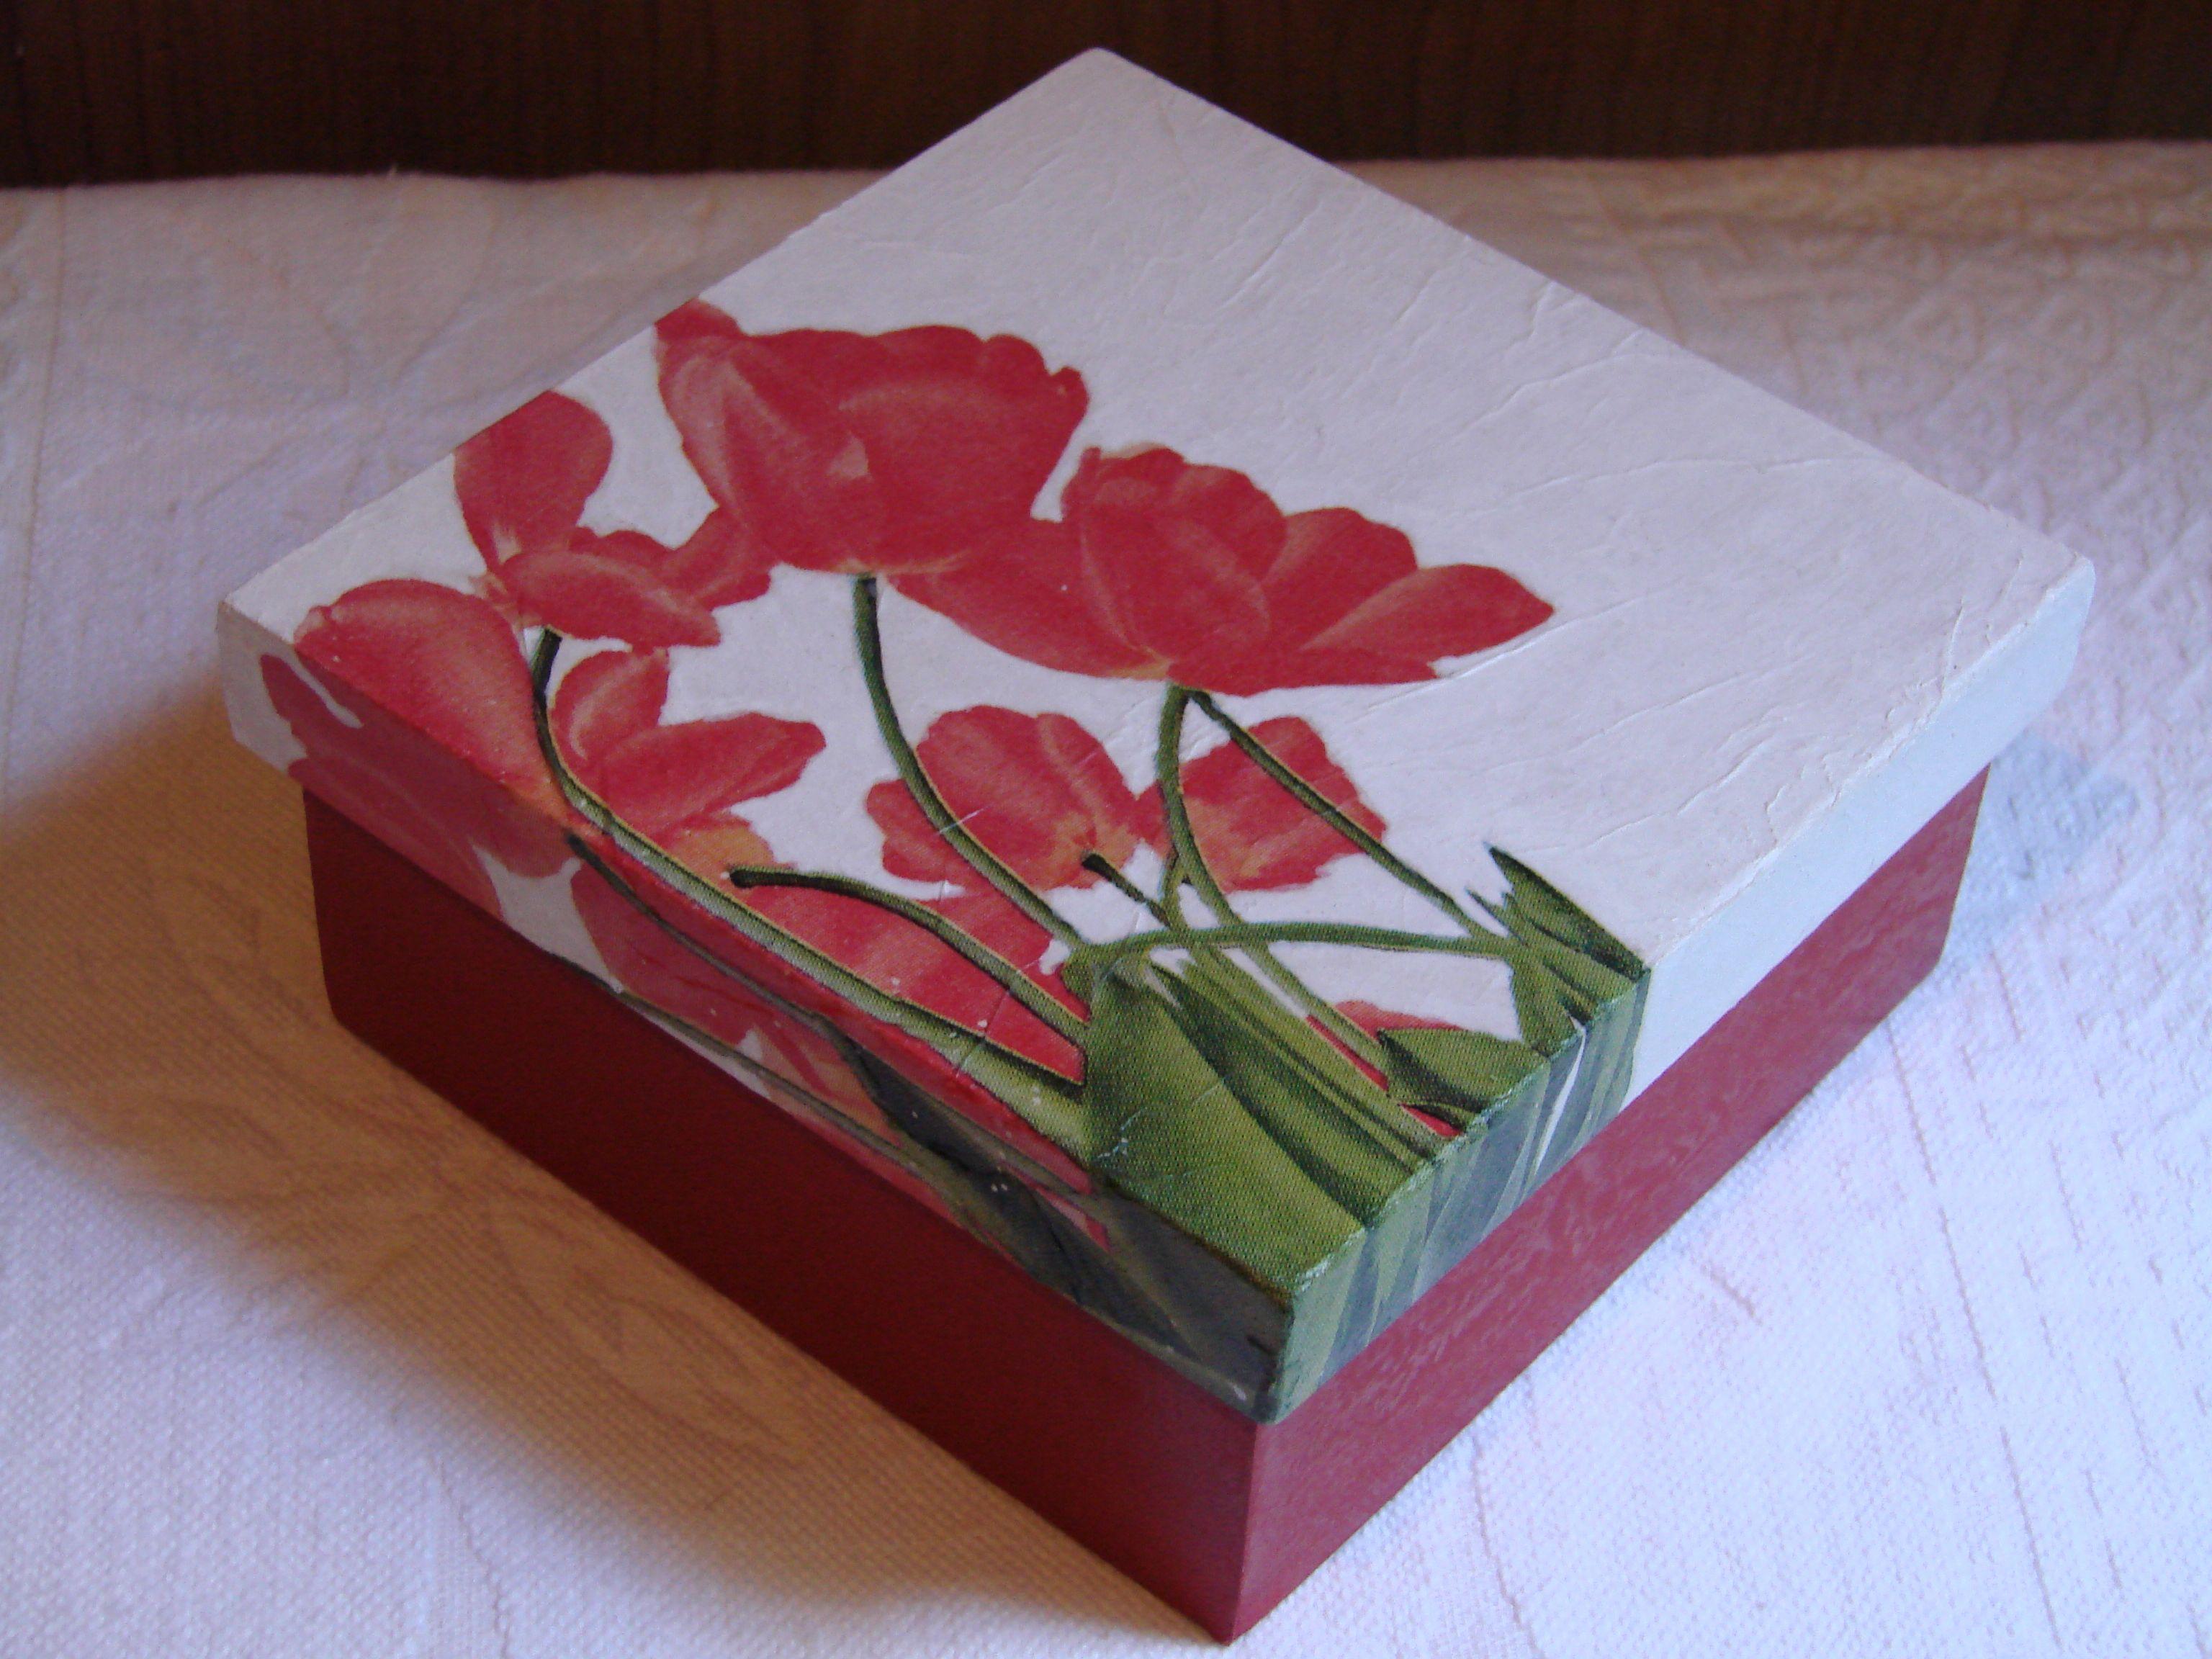 Cajas decoracin amazing cajas de madera para decorar baos - Decorar cajas de madera con servilletas ...